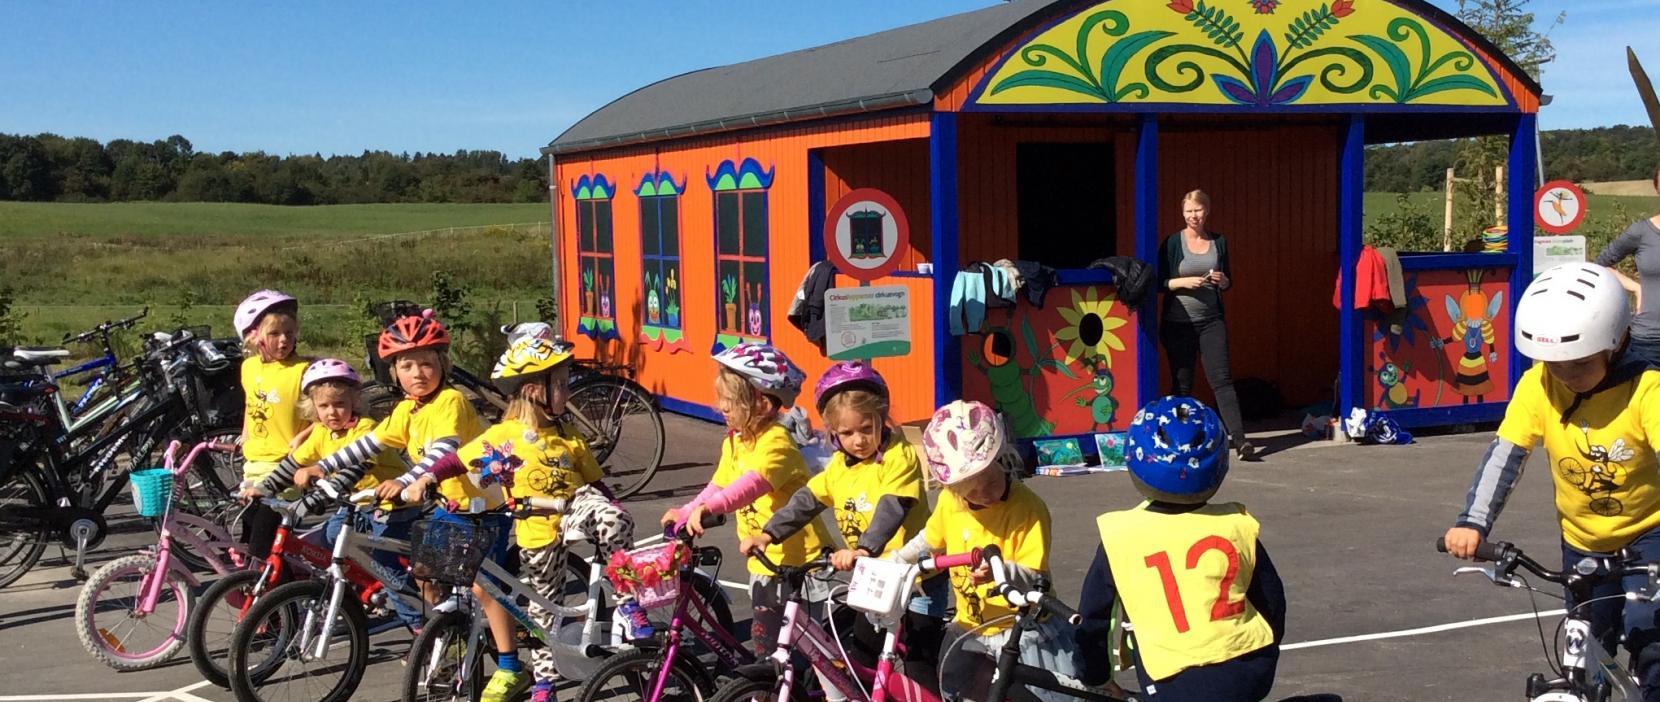 Cykelmyggens legeplads børn